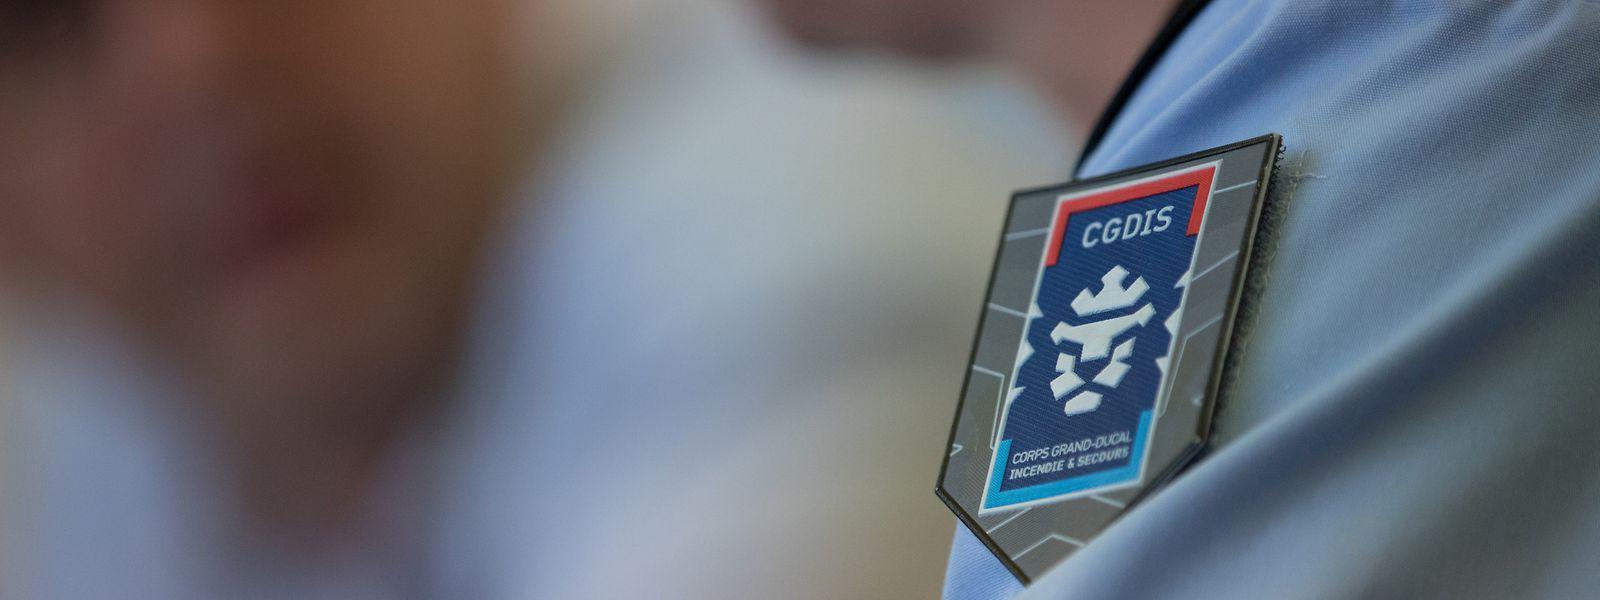 Das Logo mit dem Löwen verkörpert seit dem 1. Juli 2018 das CGDIS.